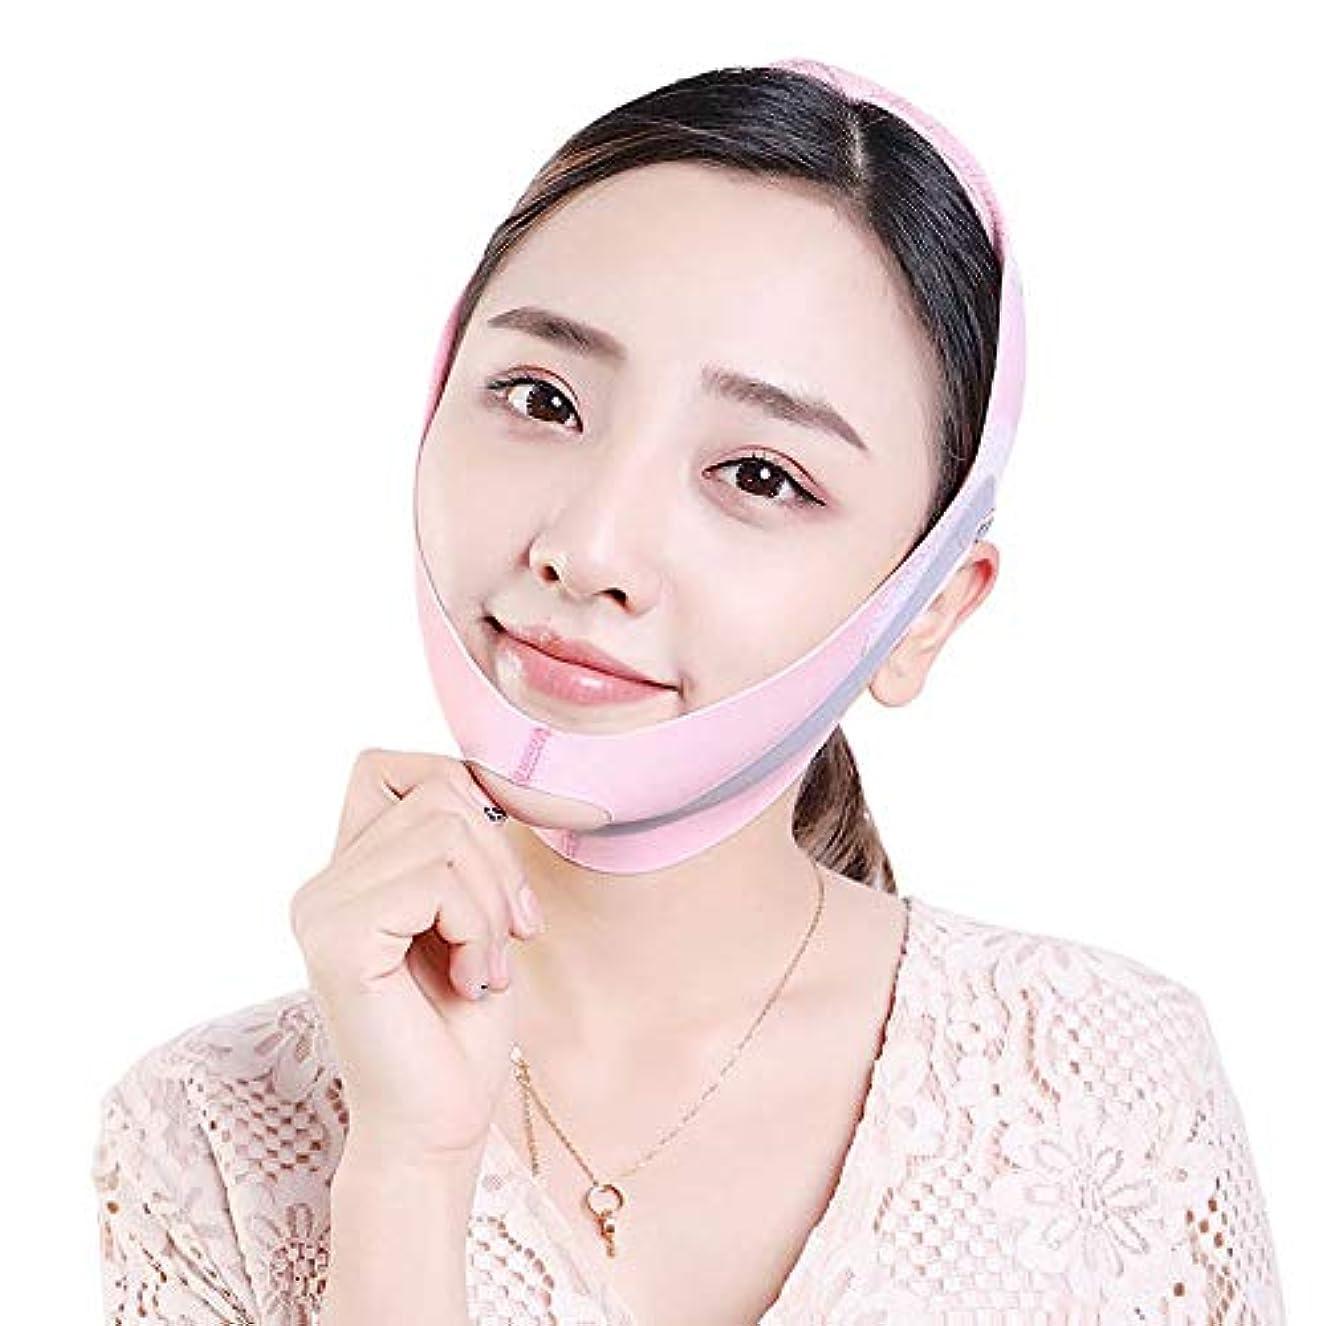 ワット豆腐欺たるみを防ぐために顔を持ち上げるために筋肉を引き締めるために二重あごのステッカーとラインを削除するために、顔を持ち上げるアーティファクト包帯があります - ピンク